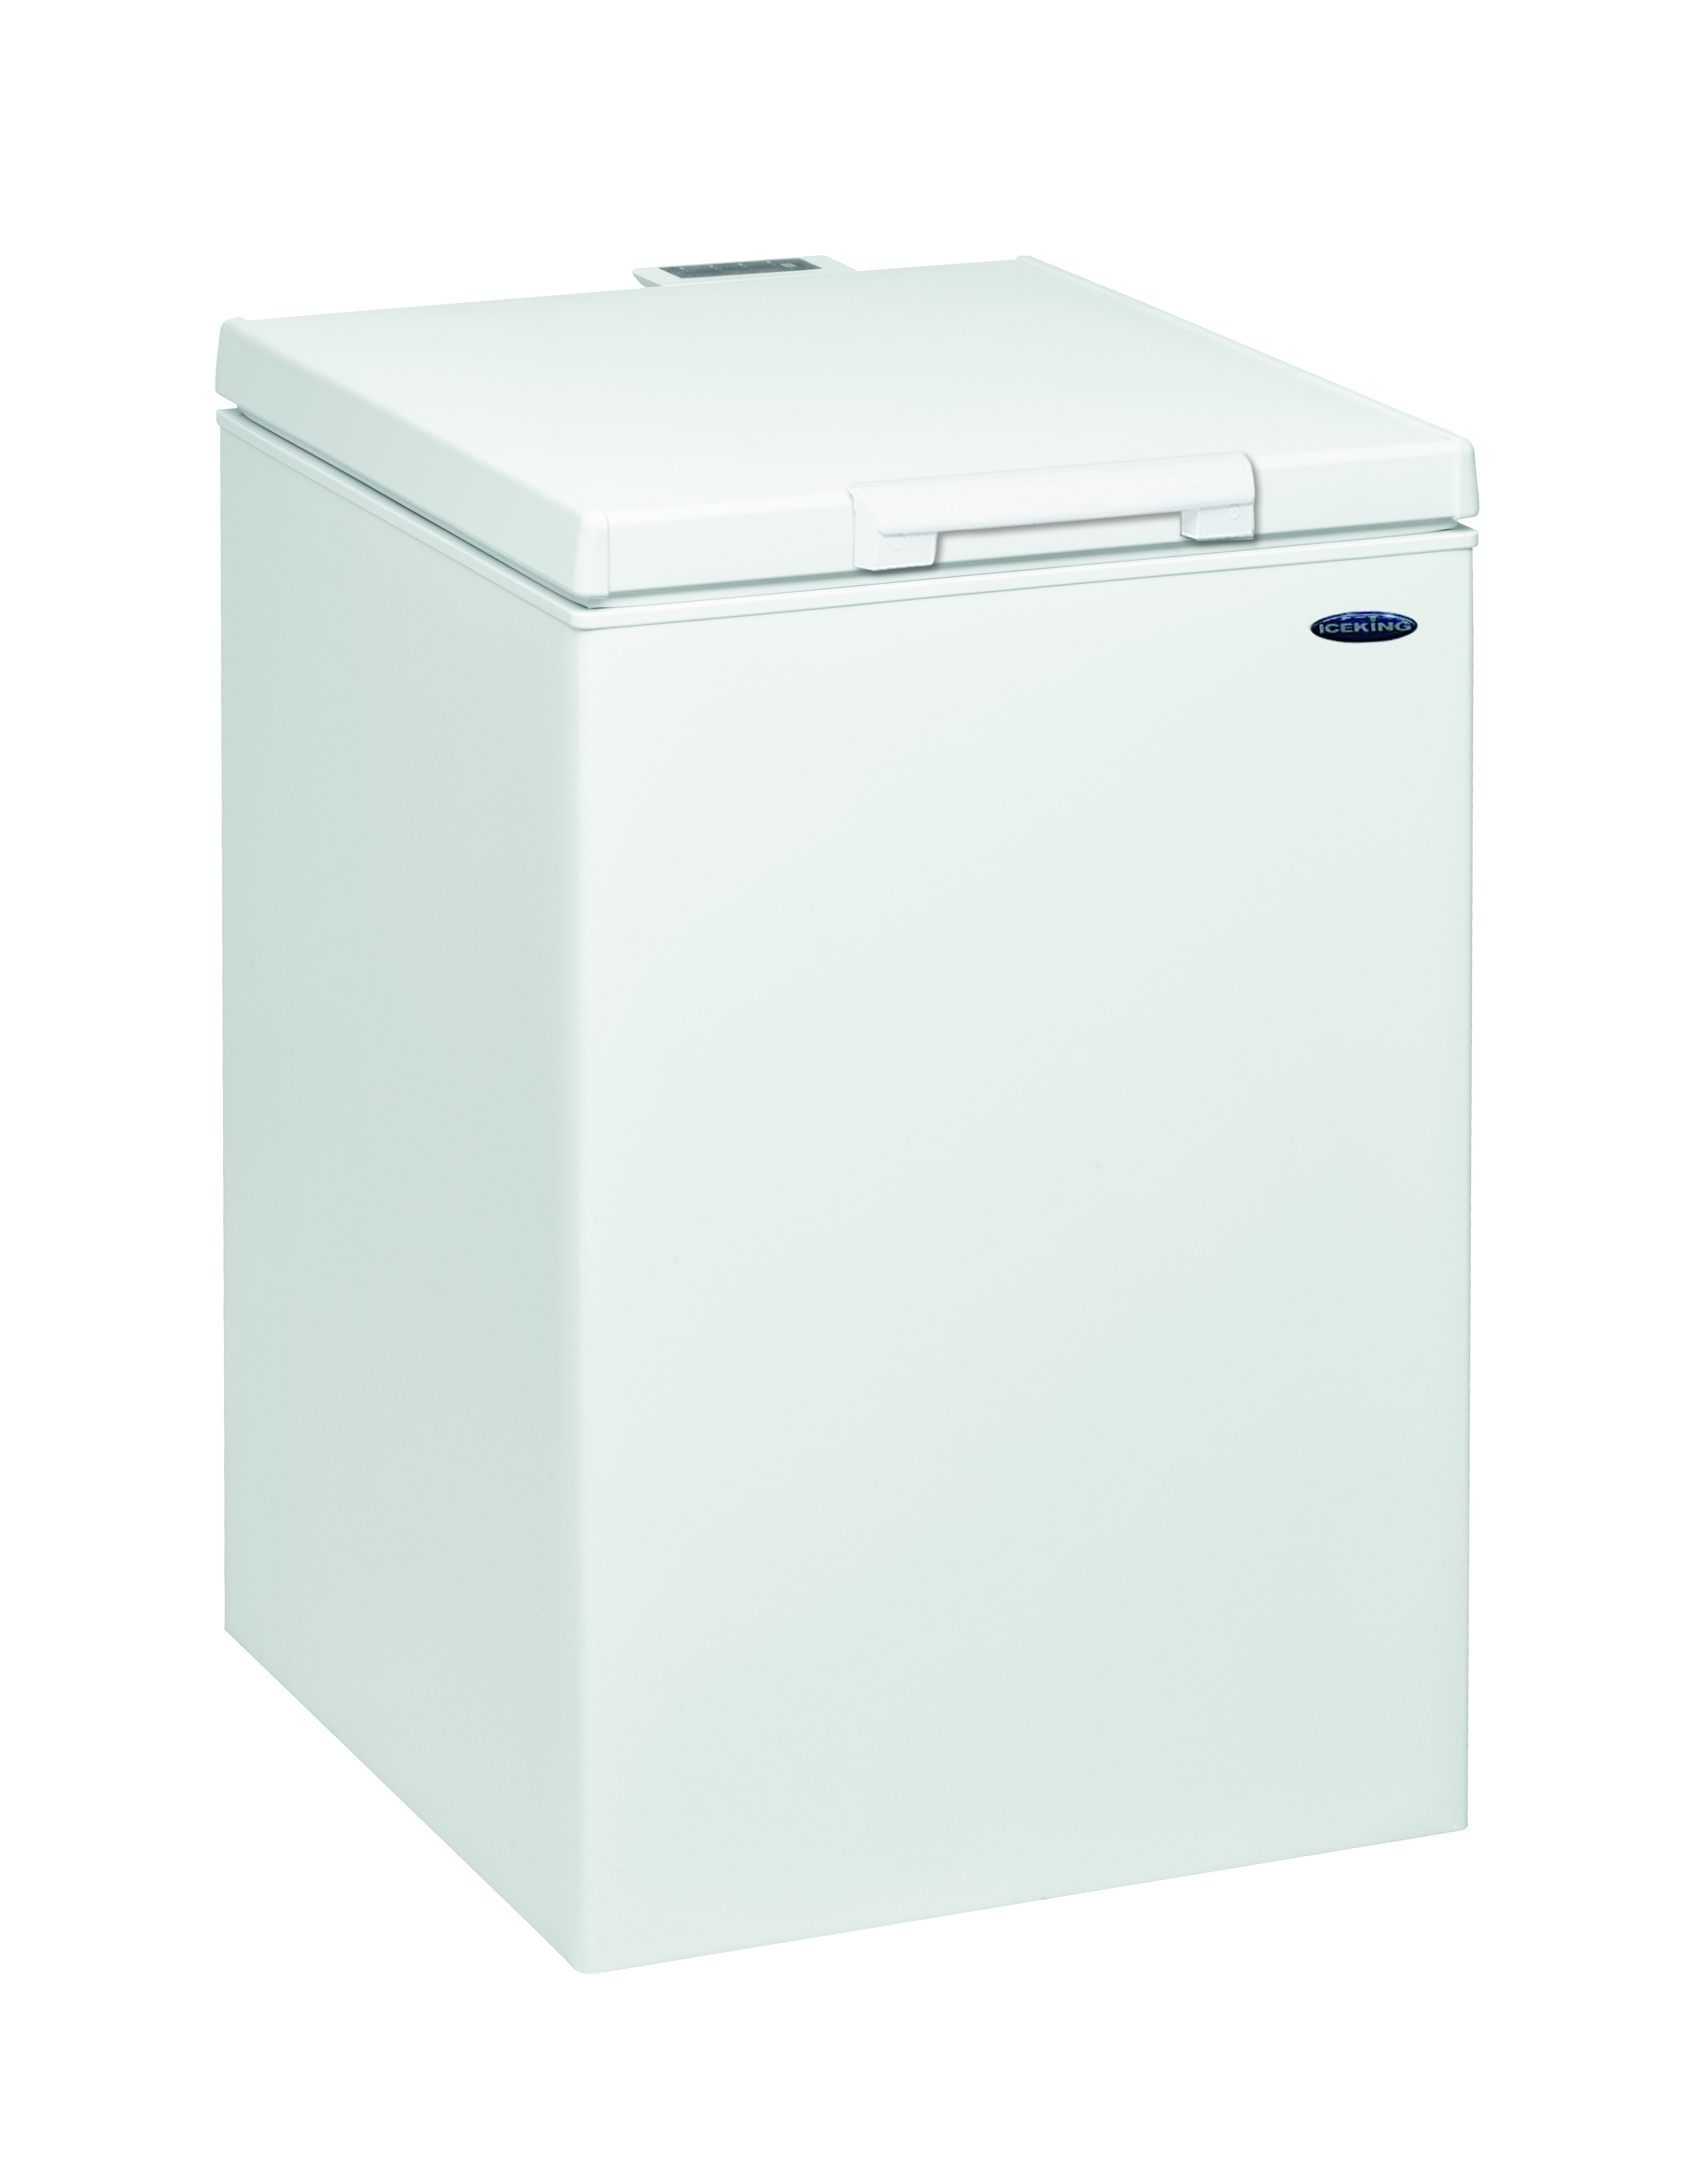 Iceking CF131W Freezer